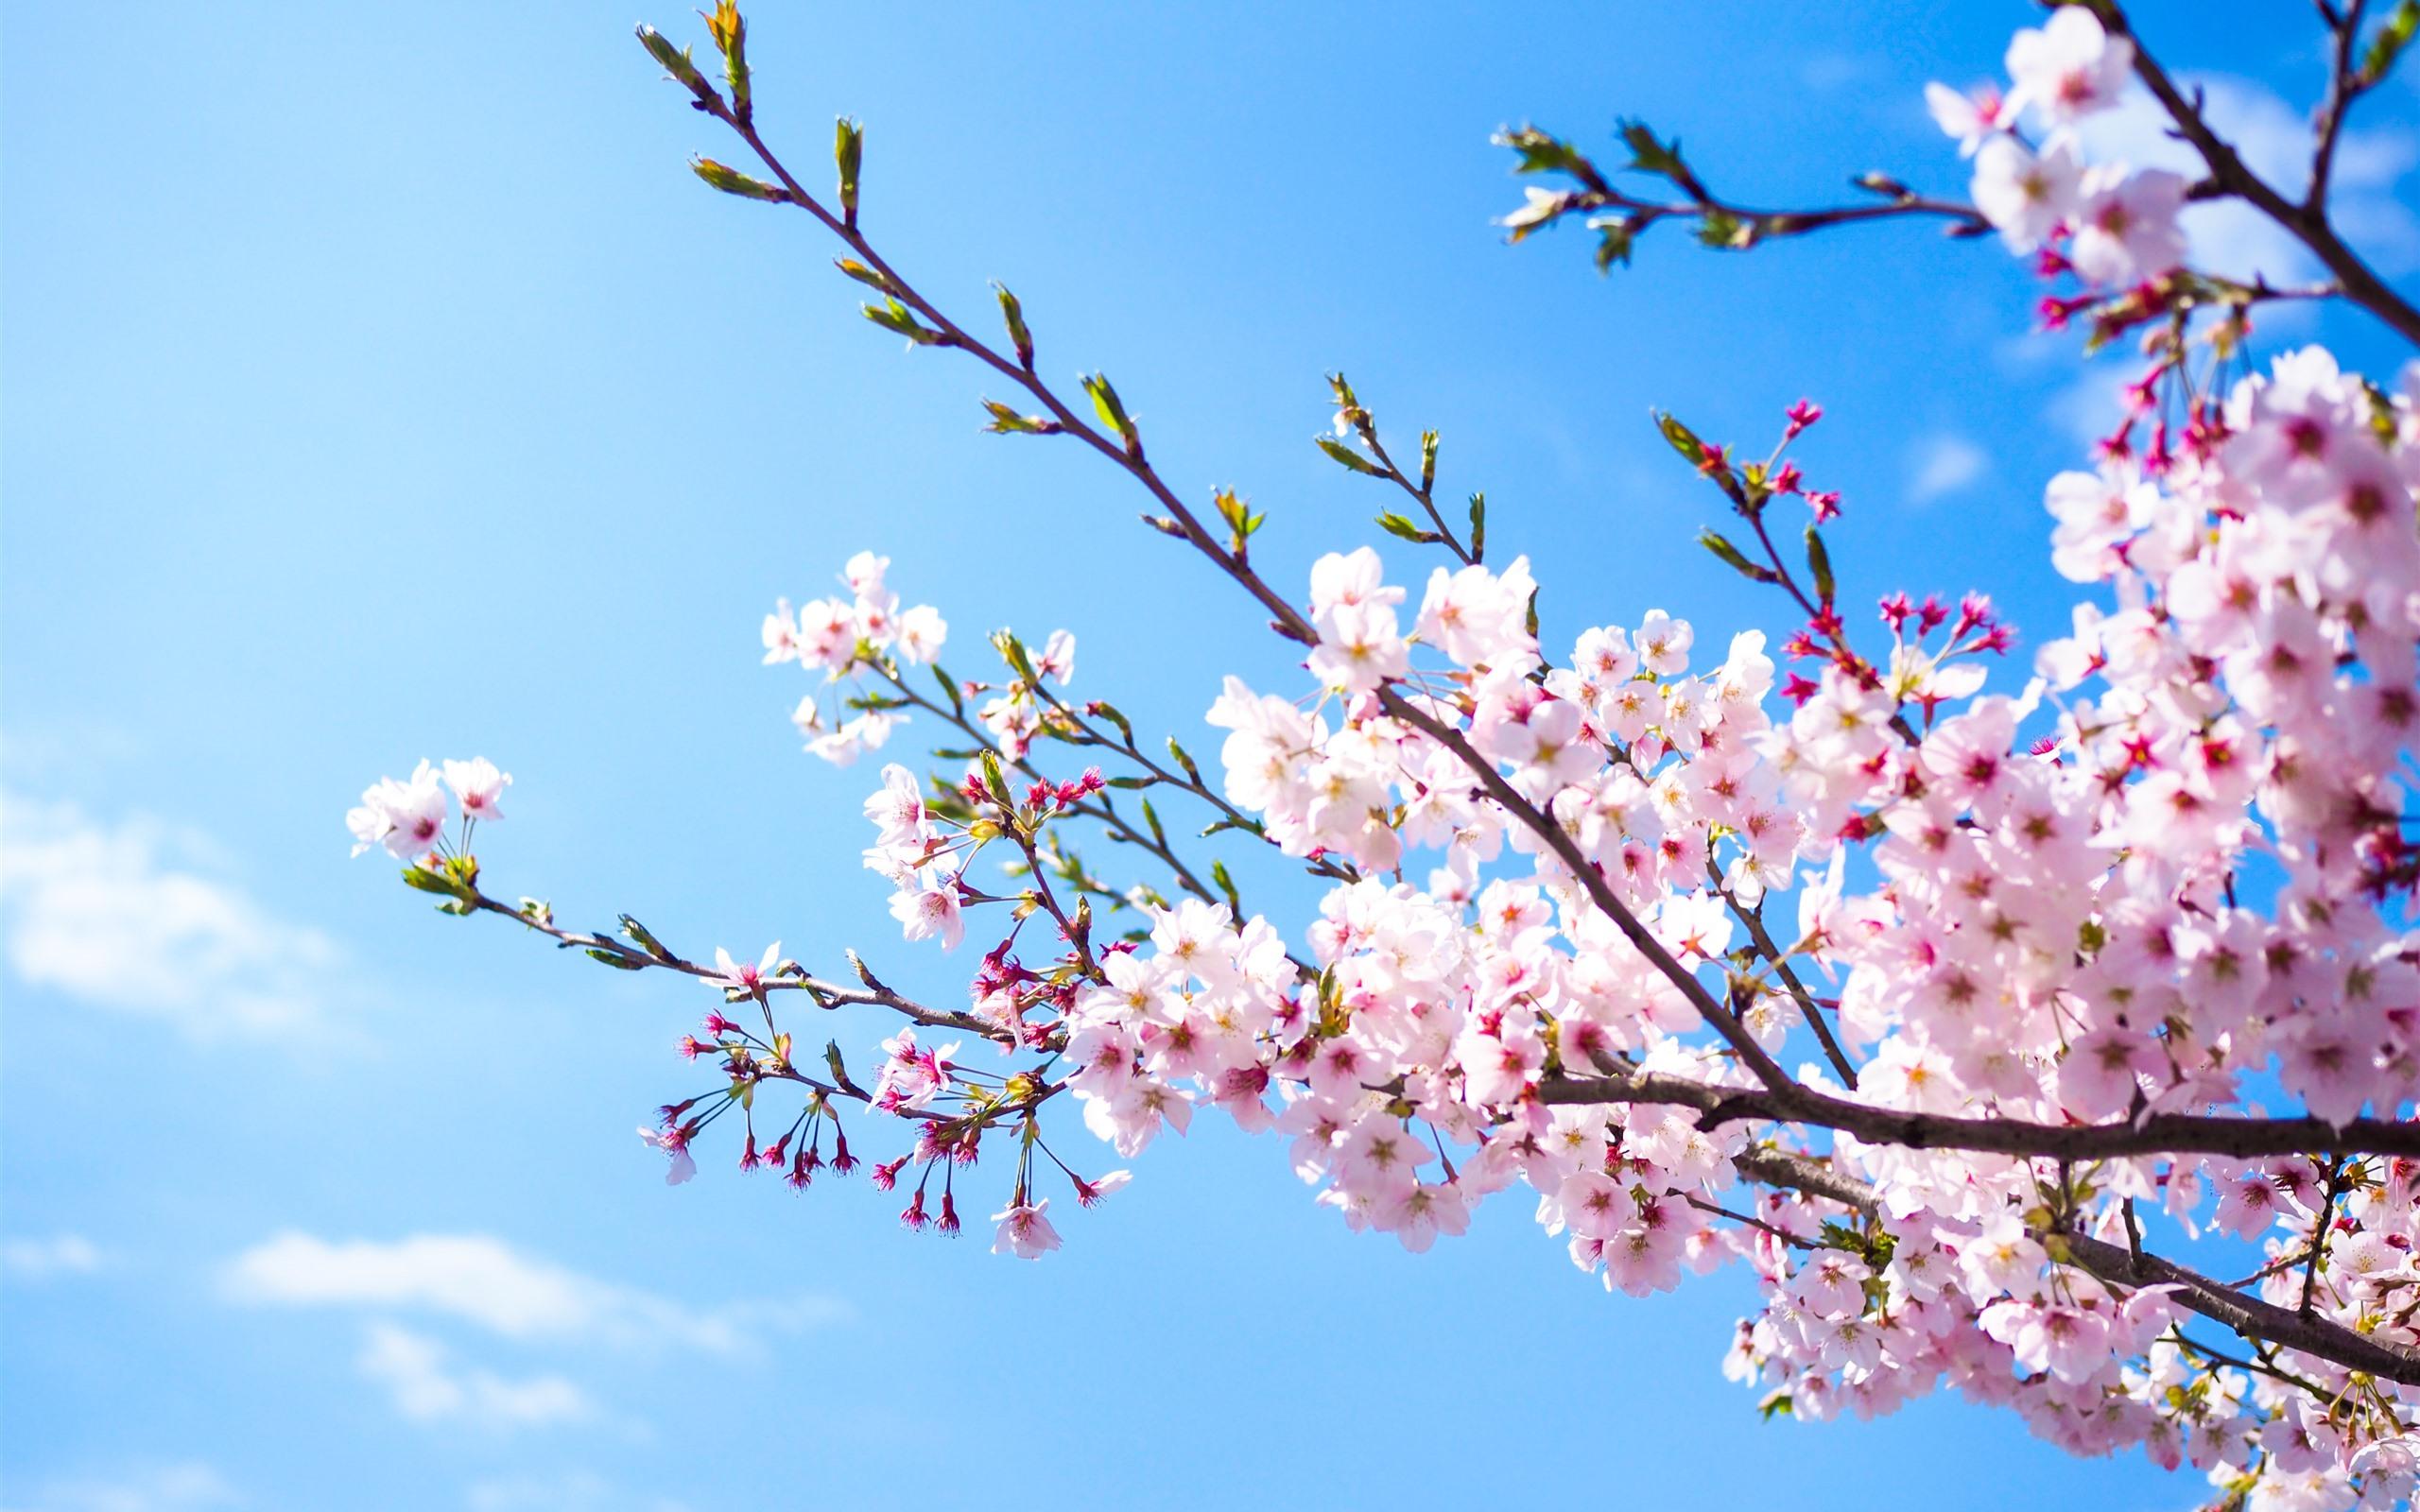 壁紙 ピンクの桜の花 青空 春 3840x2160 Uhd 4k 無料のデスクトップの背景 画像